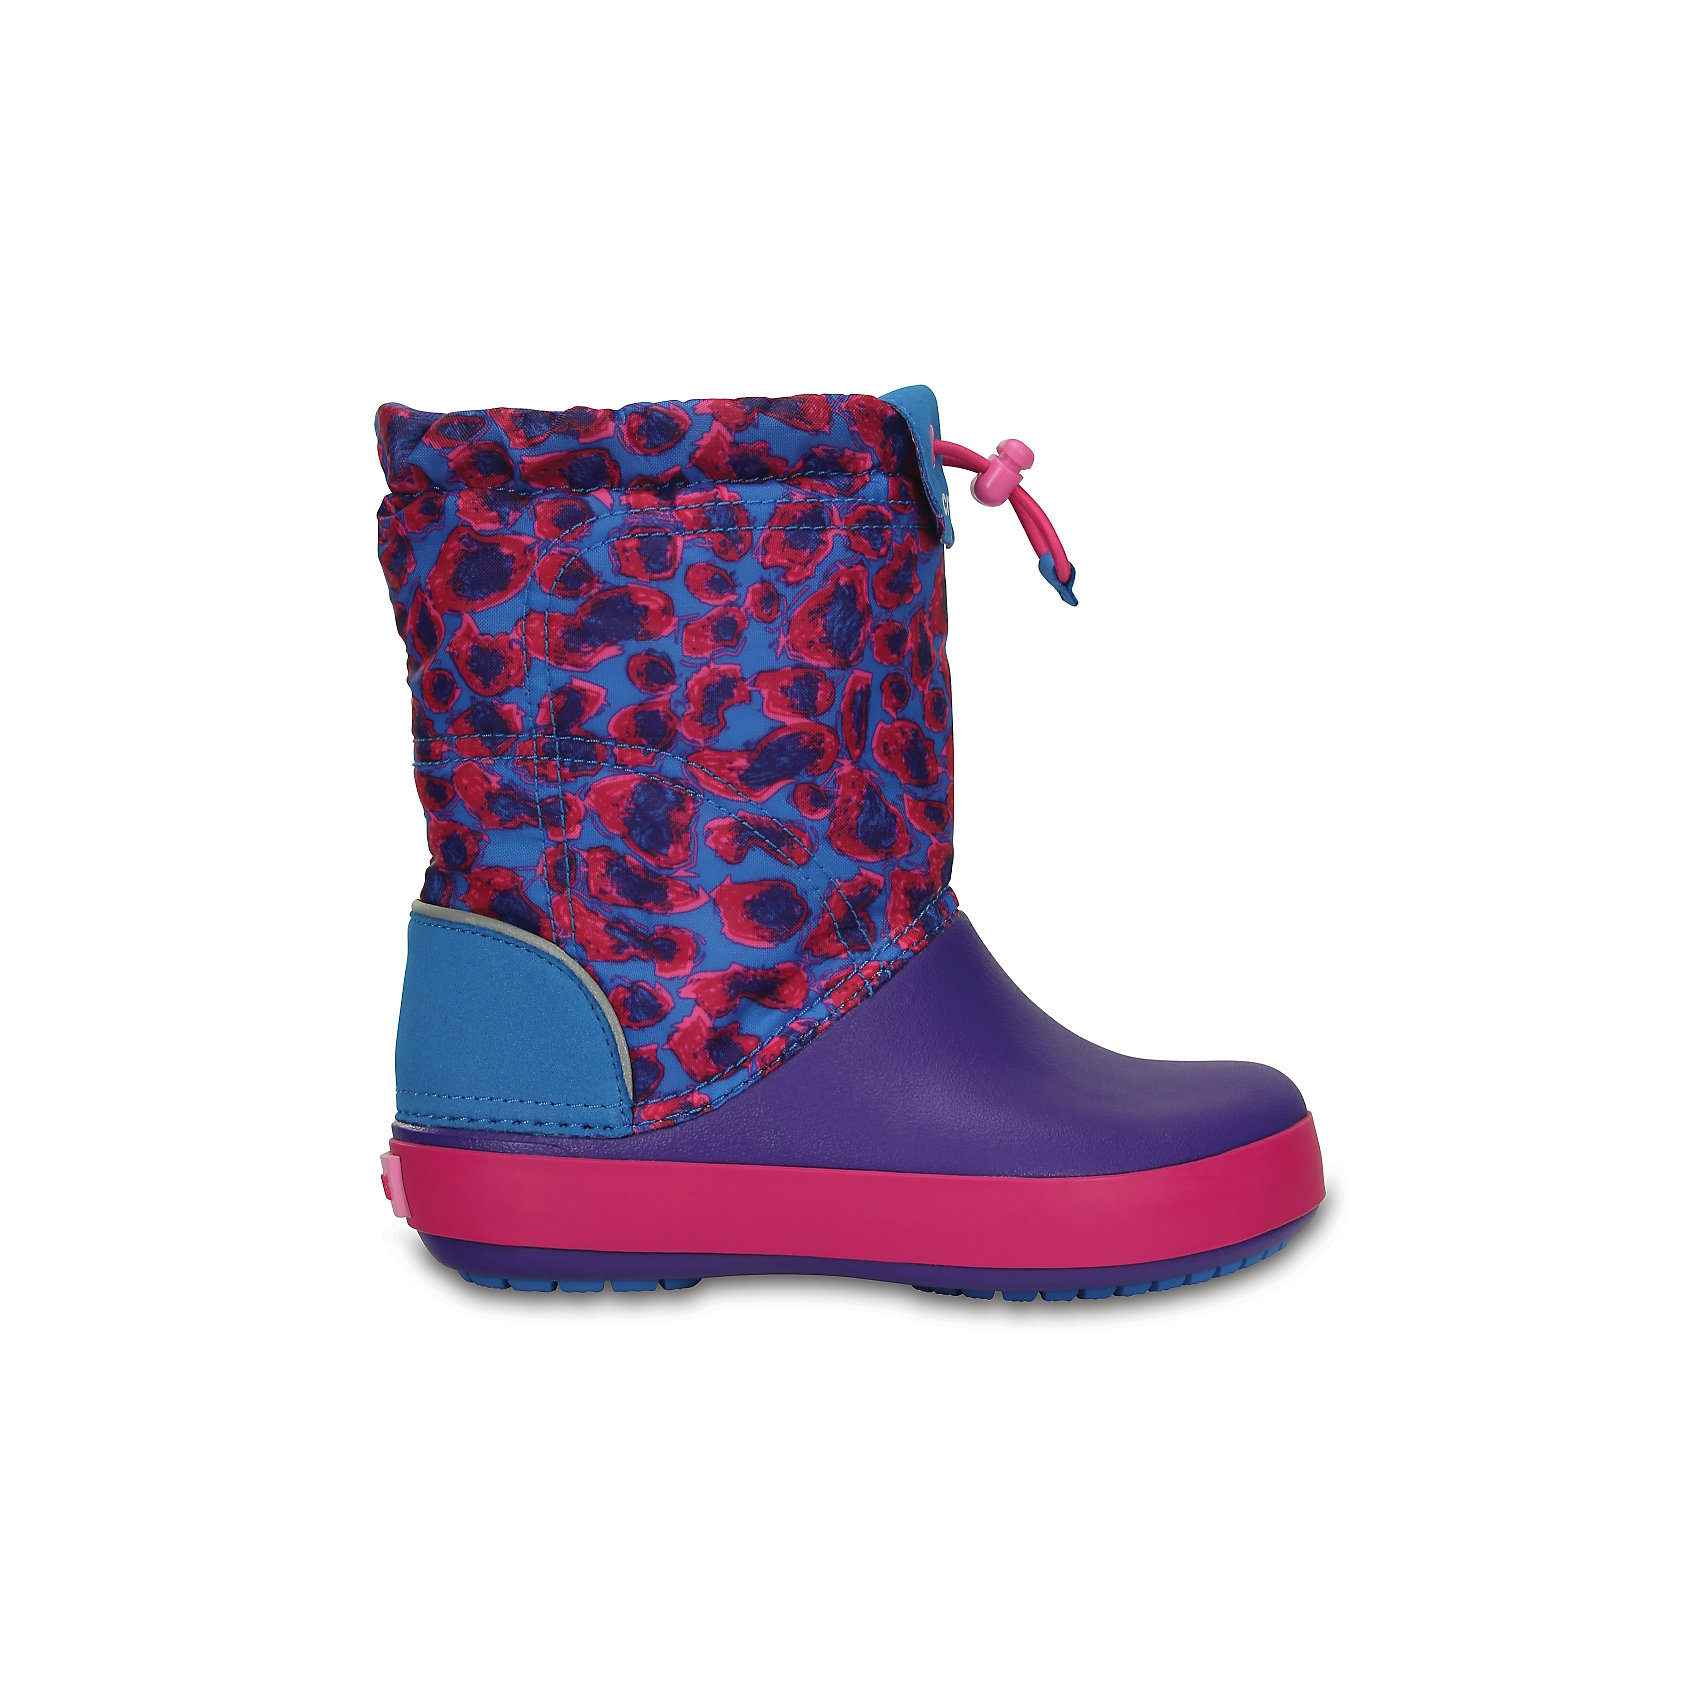 Сапоги Kids' Crocband LodgePoint Graphic Boot CROCSСноубутсы<br>Характеристики товара:<br><br>• цвет: фиолетовый/синий<br>• материал: верх - текстиль, низ -100% полимер Croslite™<br>• материал подкладки: текстиль<br>• непромокаемая носочная часть<br>• температурный режим: от -15° до +10° С<br>• легко очищаются<br>• антискользящая подошва<br>• шнурок со стоппером<br>• толстая устойчивая подошва<br>• страна бренда: США<br>• страна изготовитель: Китай<br><br>Сапоги могут быть и стильными, и теплыми! Для детской обуви крайне важно, чтобы она была удобной. Такие сапоги обеспечивают детям необходимый комфорт, а теплая подкладка создает особый микроклимат. Сапоги легко надеваются и снимаются, отлично сидят на ноге. Материал, из которого они сделаны, не дает размножаться бактериям, поэтому такая обувь препятствует образованию неприятного запаха и появлению болезней стоп. Данная модель особенно понравится детям - ведь в них можно бегать по лужам!<br>Обувь от американского бренда Crocs в данный момент завоевала широкую популярность во всем мире, и это не удивительно - ведь она невероятно удобна. Её носят врачи, спортсмены, звёзды шоу-бизнеса, люди, которым много времени приходится бывать на ногах - они понимают, как важна комфортная обувь. Продукция Crocs - это качественные товары, созданные с применением новейших технологий. Обувь отличается стильным дизайном и продуманной конструкцией. Изделие производится из качественных и проверенных материалов, которые безопасны для детей.<br><br>Сапоги для девочки от торговой марки Crocs можно купить в нашем интернет-магазине.<br><br>Ширина мм: 257<br>Глубина мм: 180<br>Высота мм: 130<br>Вес г: 420<br>Цвет: фиолетовый<br>Возраст от месяцев: 24<br>Возраст до месяцев: 36<br>Пол: Женский<br>Возраст: Детский<br>Размер: 26,25,31/32,33/34,34/35,23,24,27,28,29,30<br>SKU: 5027415